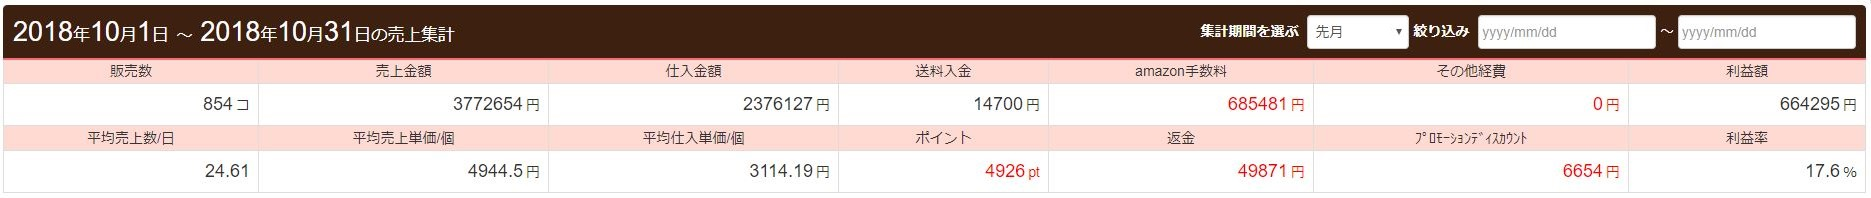 利益額は66万円